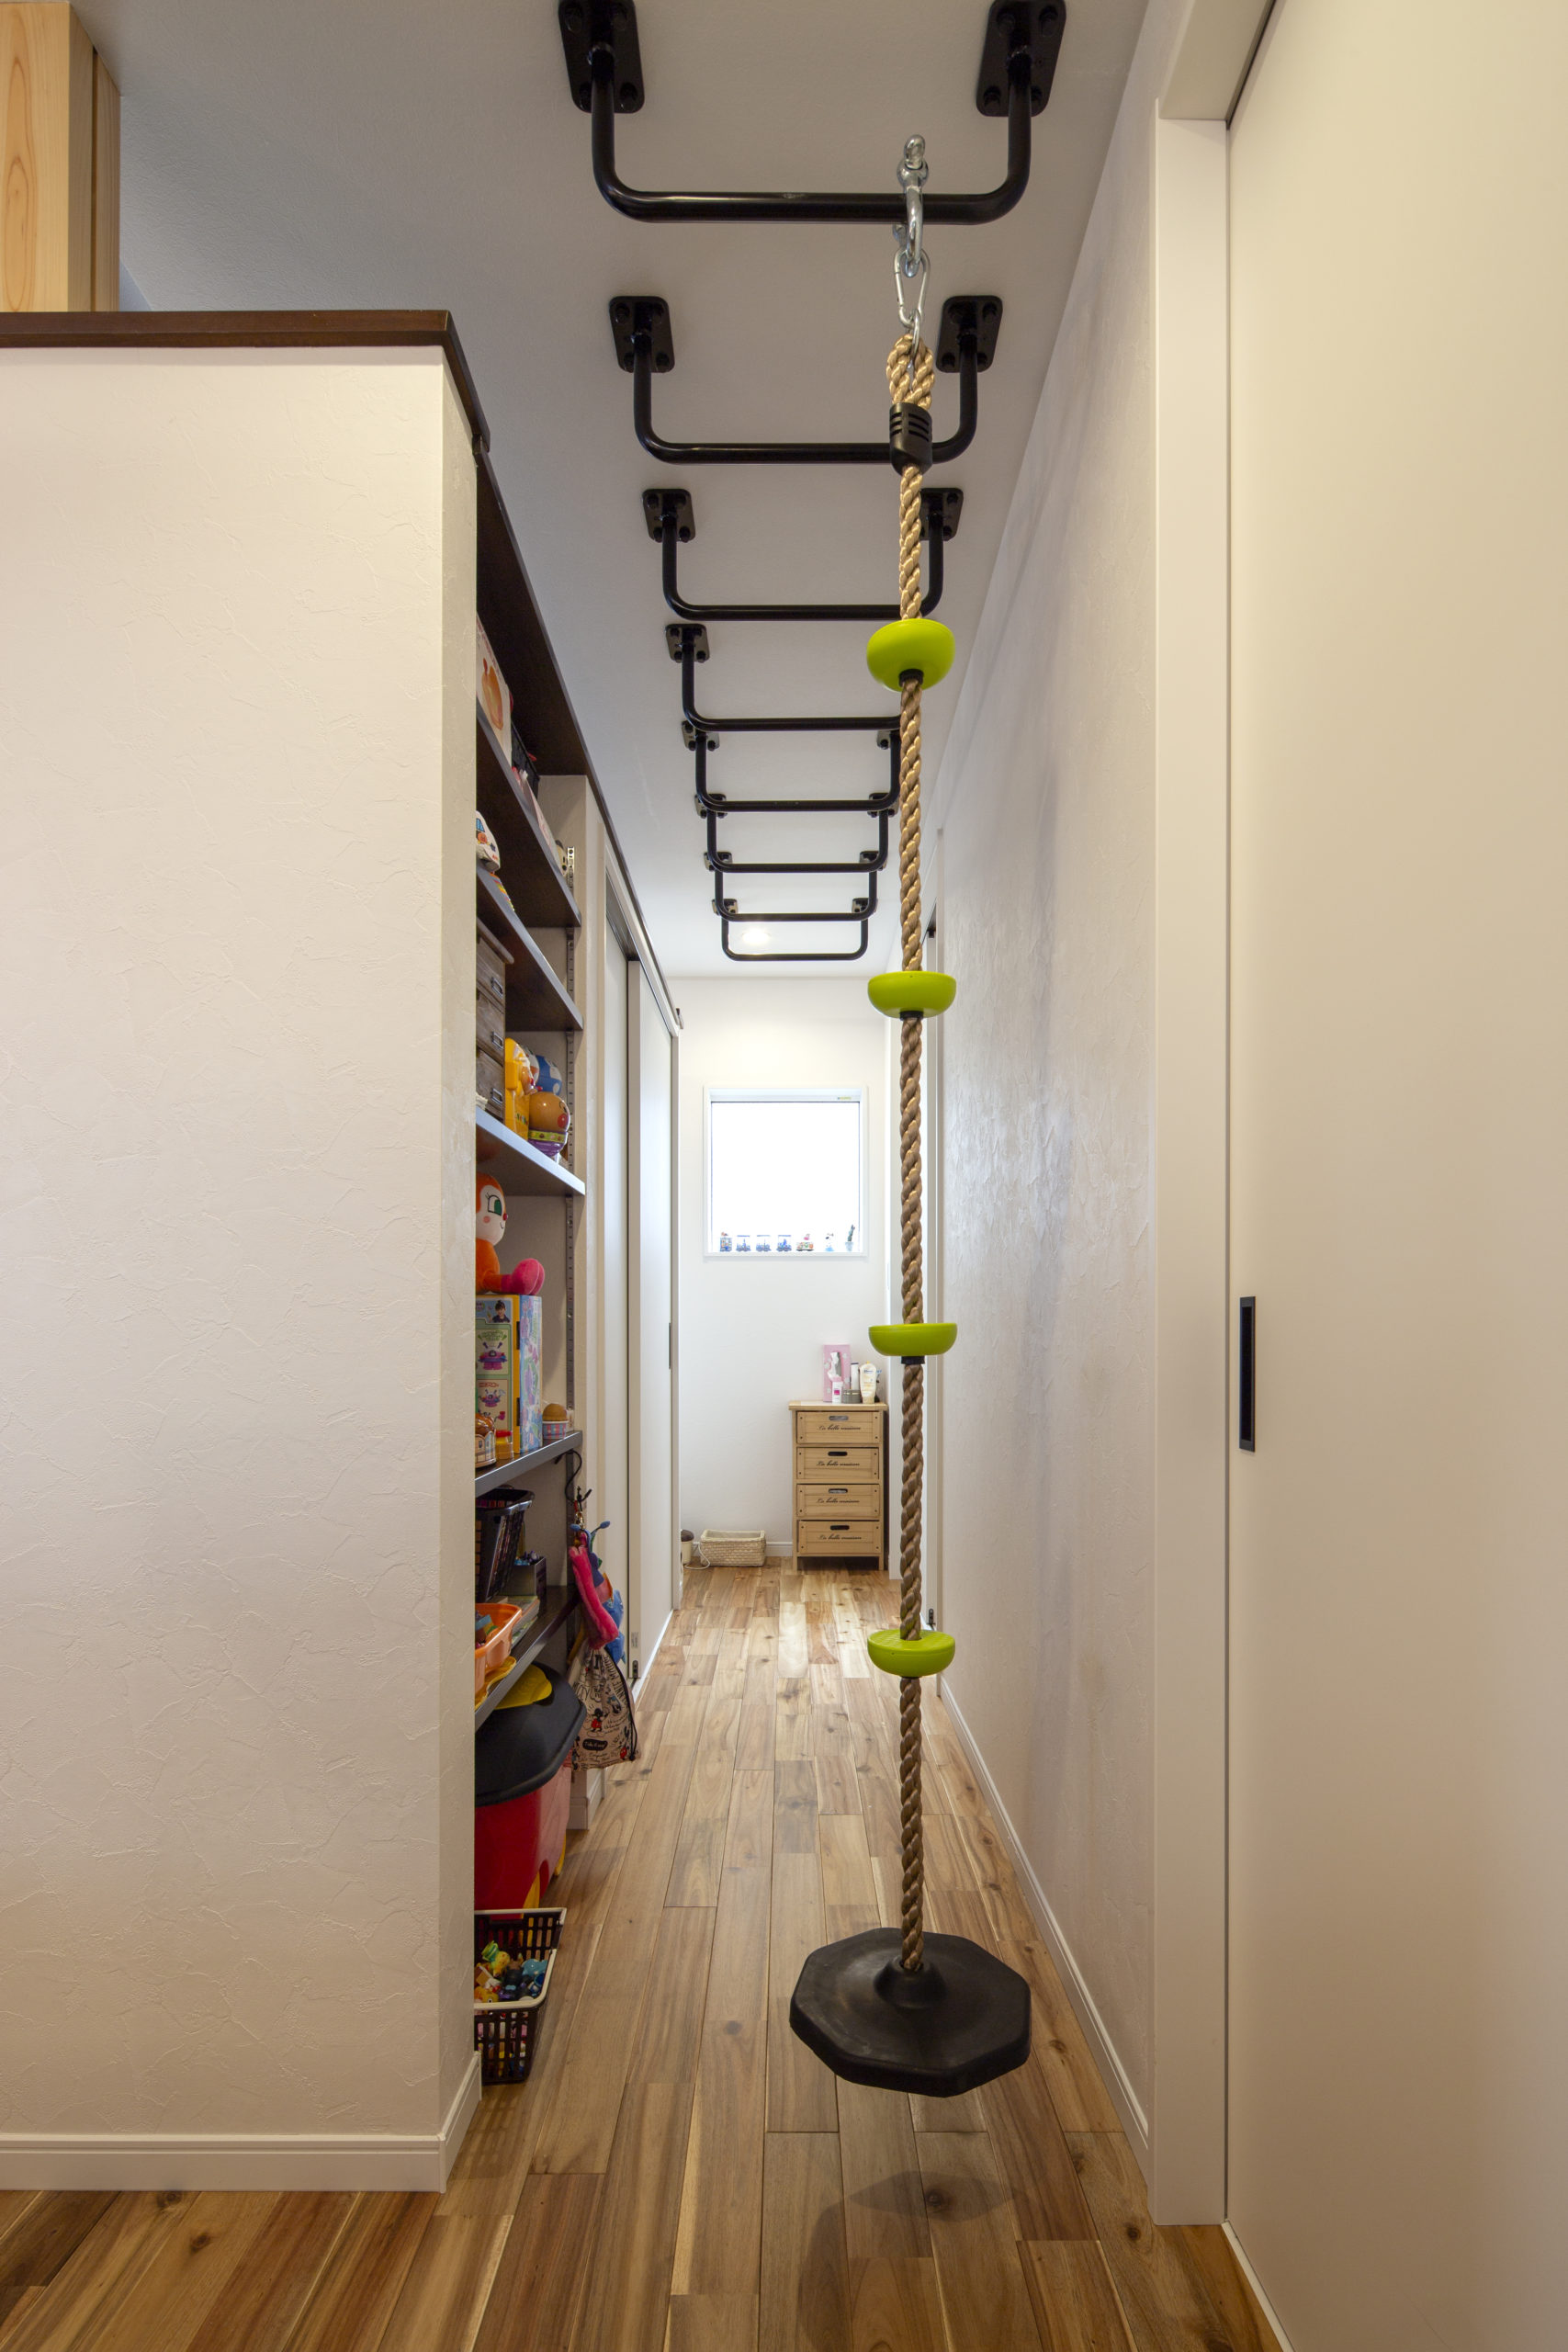 福山市の注文住宅|今井住建の施工事例ギャラリー「こんな空間があってもいい」